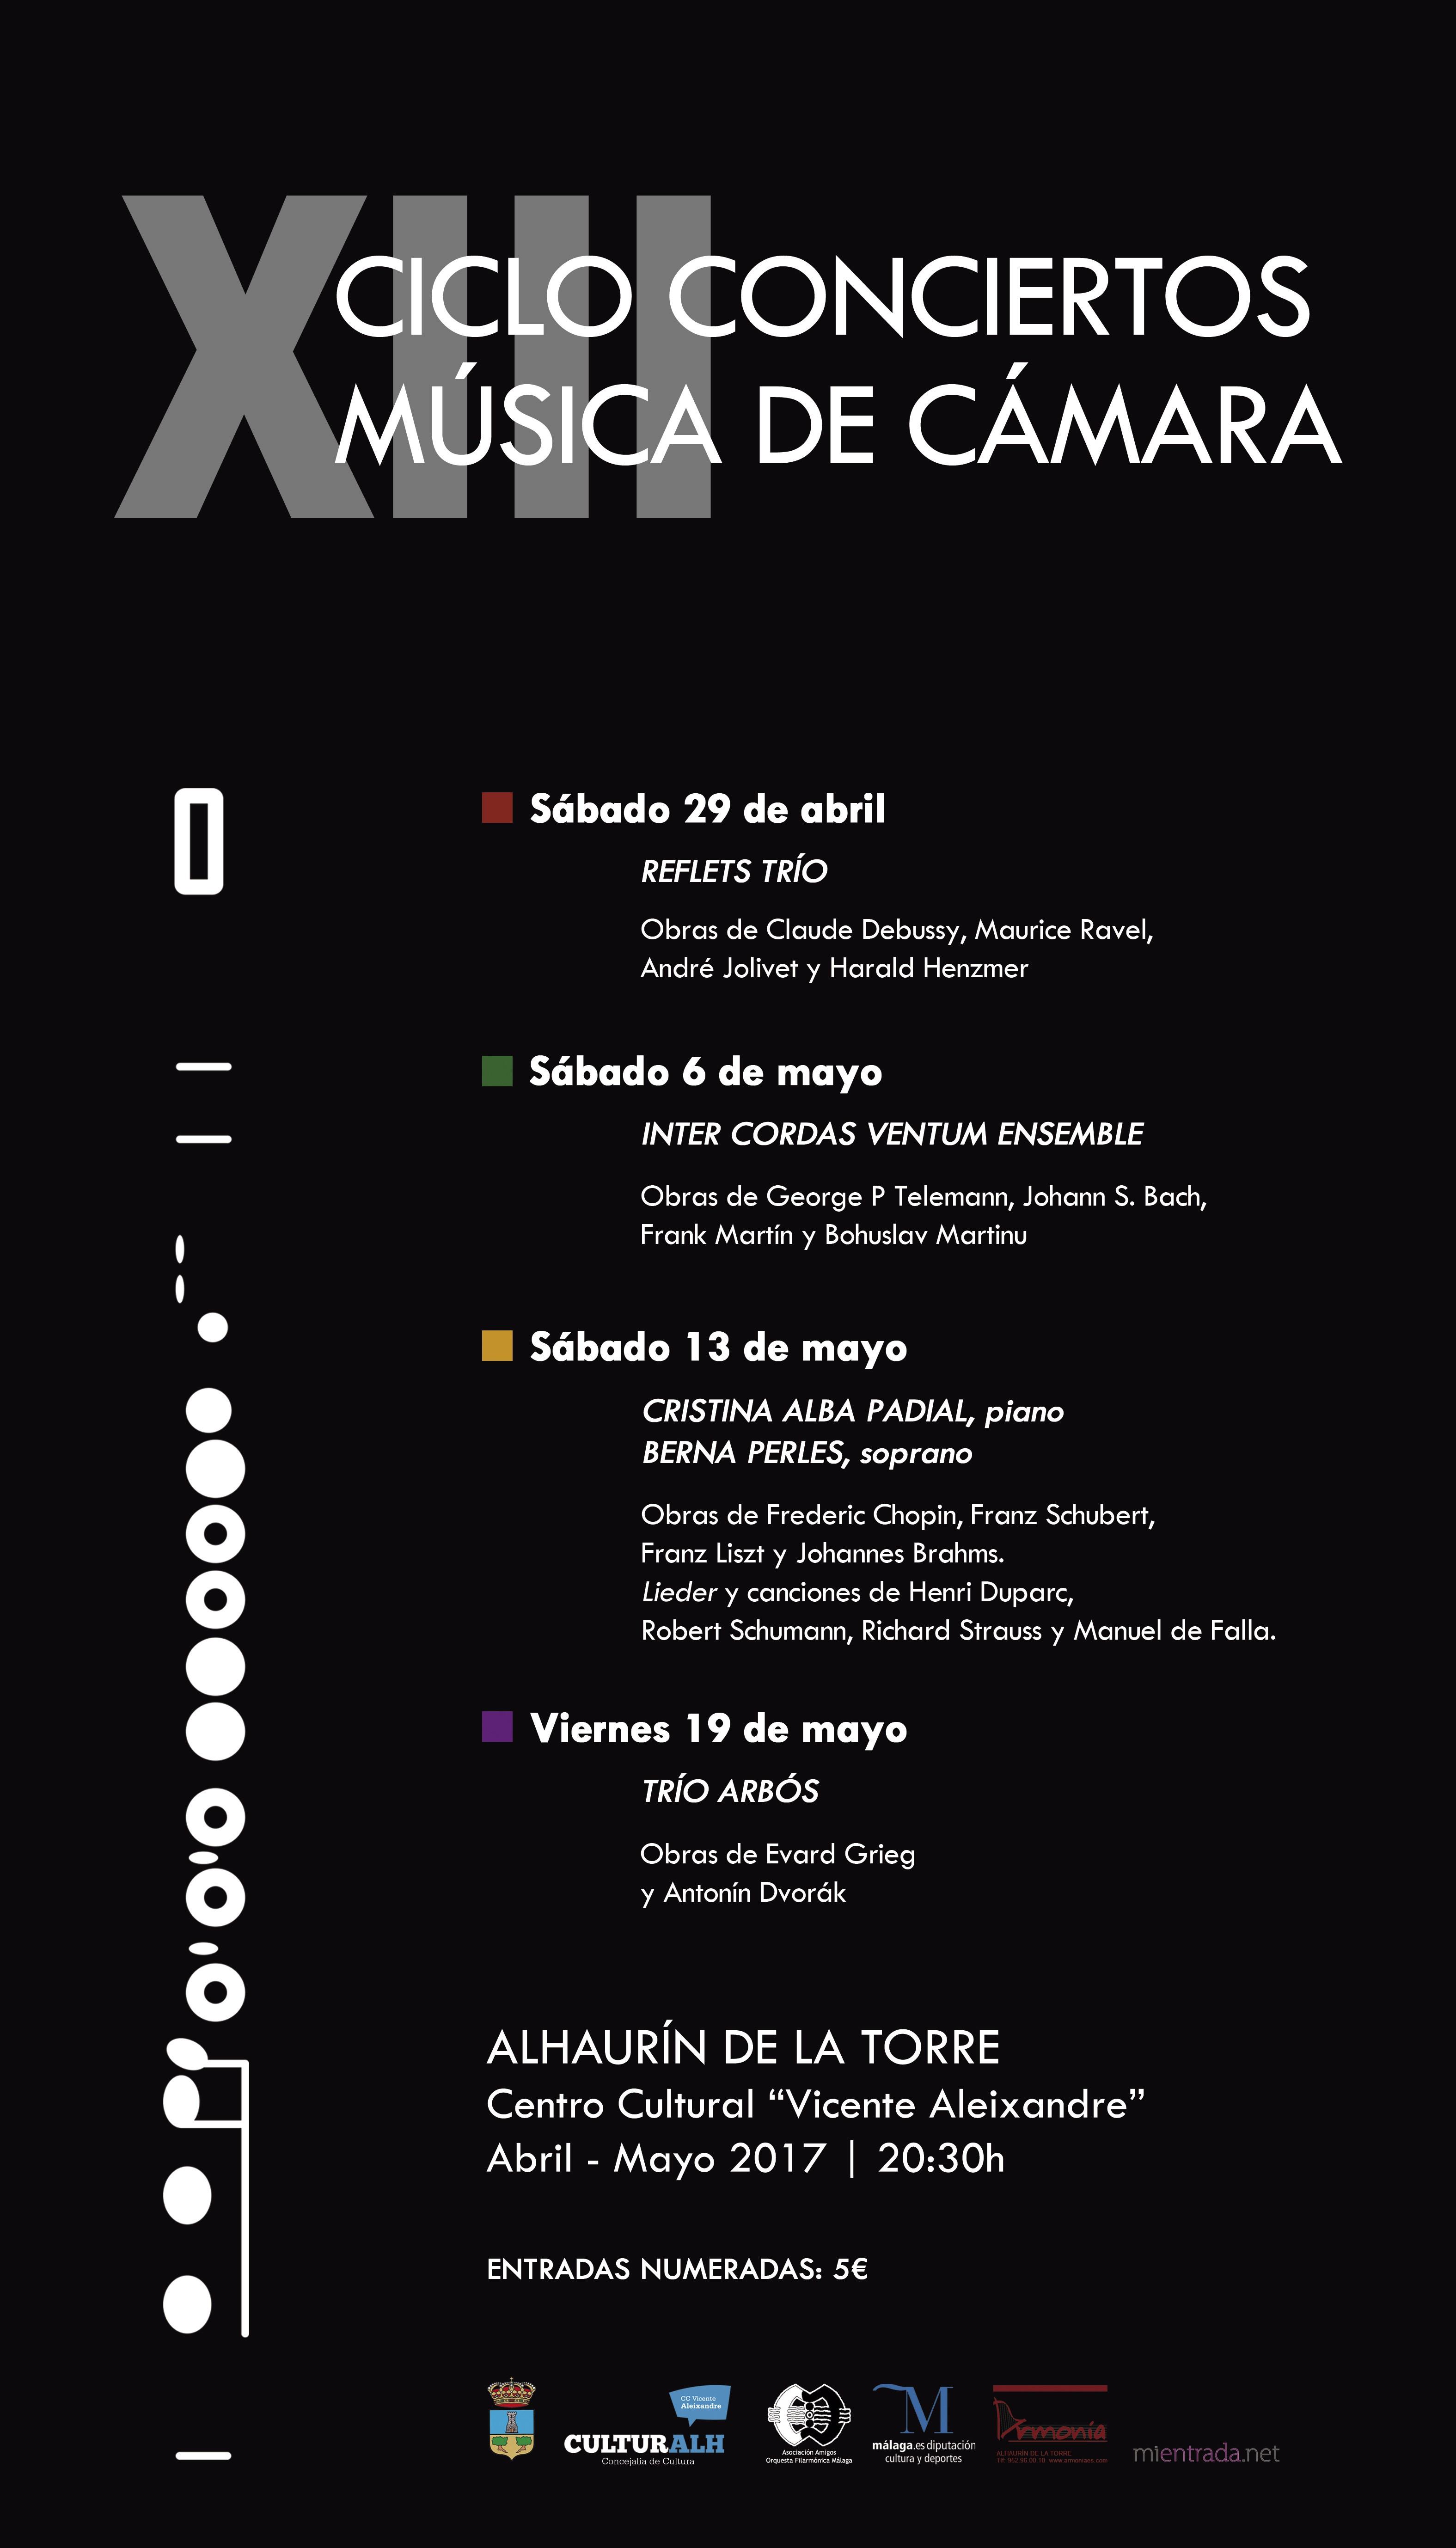 Free Printable Fashion Calendar 2016 The Key ItemThe Key Item Calendarios Organizador Organizador Semanal